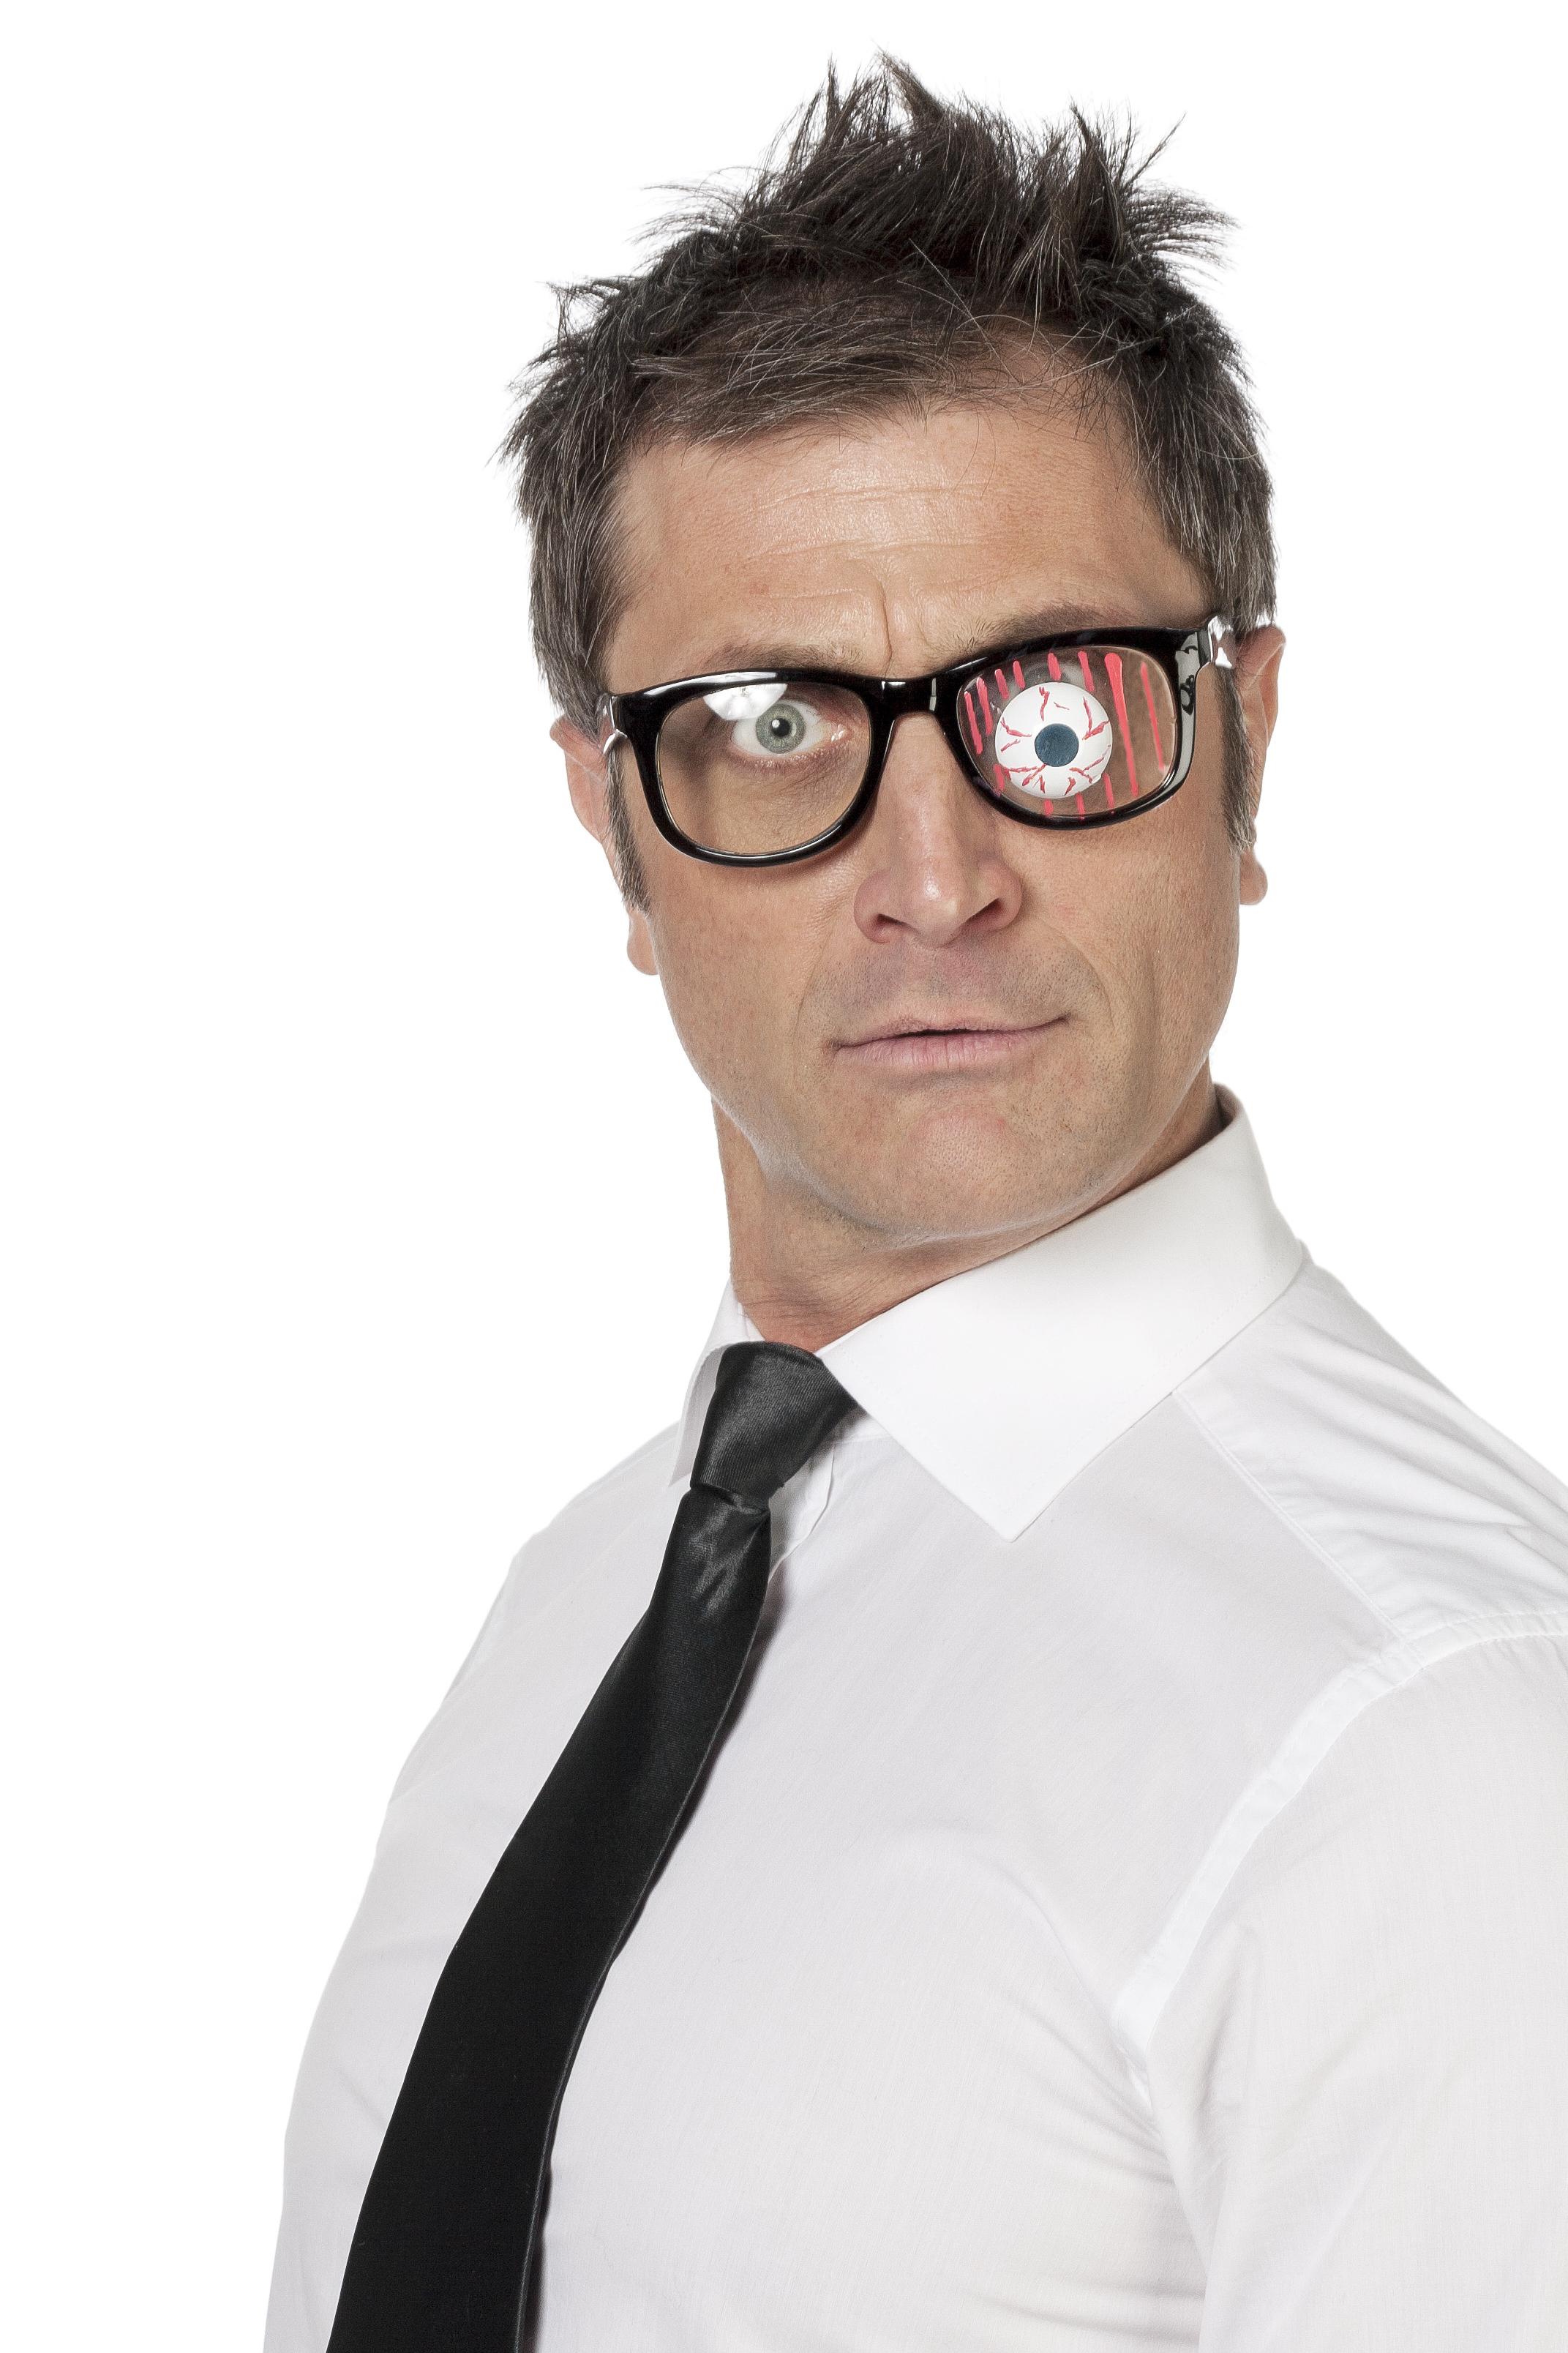 Bril met oog